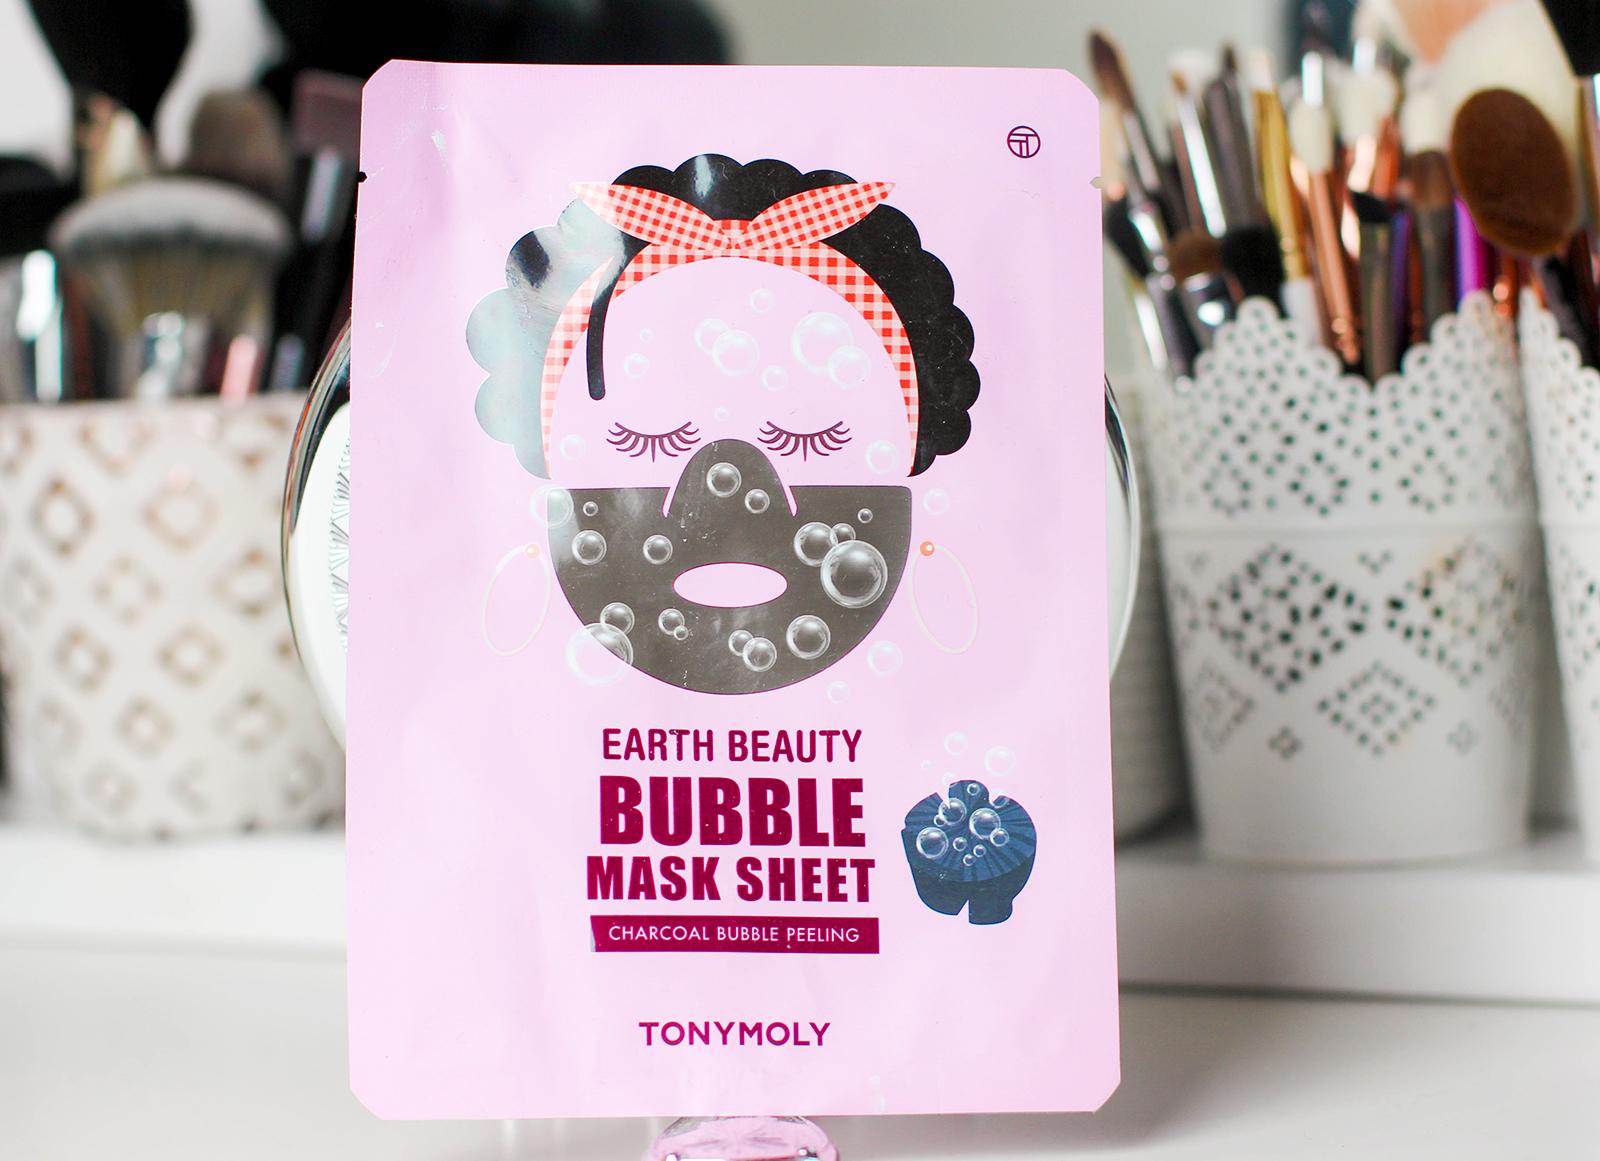 Masque-Moussant-bubblemask-1